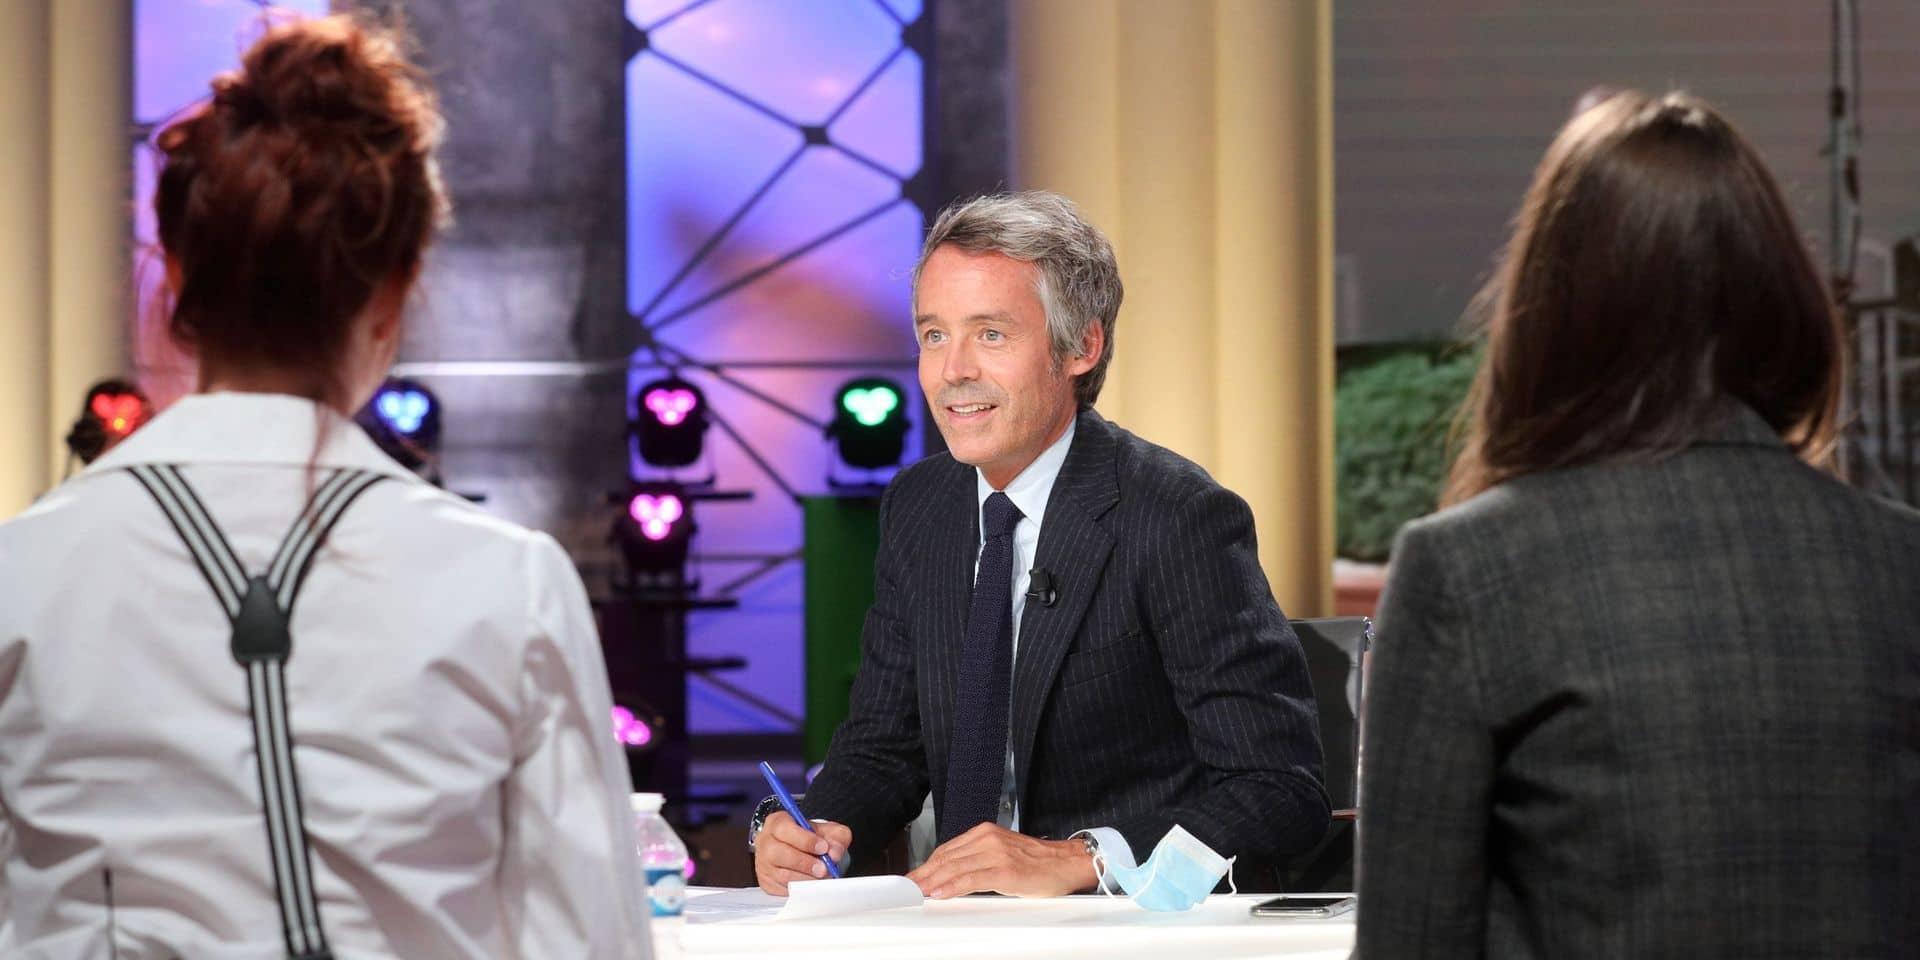 """Quand l'émission """"Quotidien"""" se moque de la Lockdown partouze de Bruxelles: """"On est des petits joueurs à côté"""""""